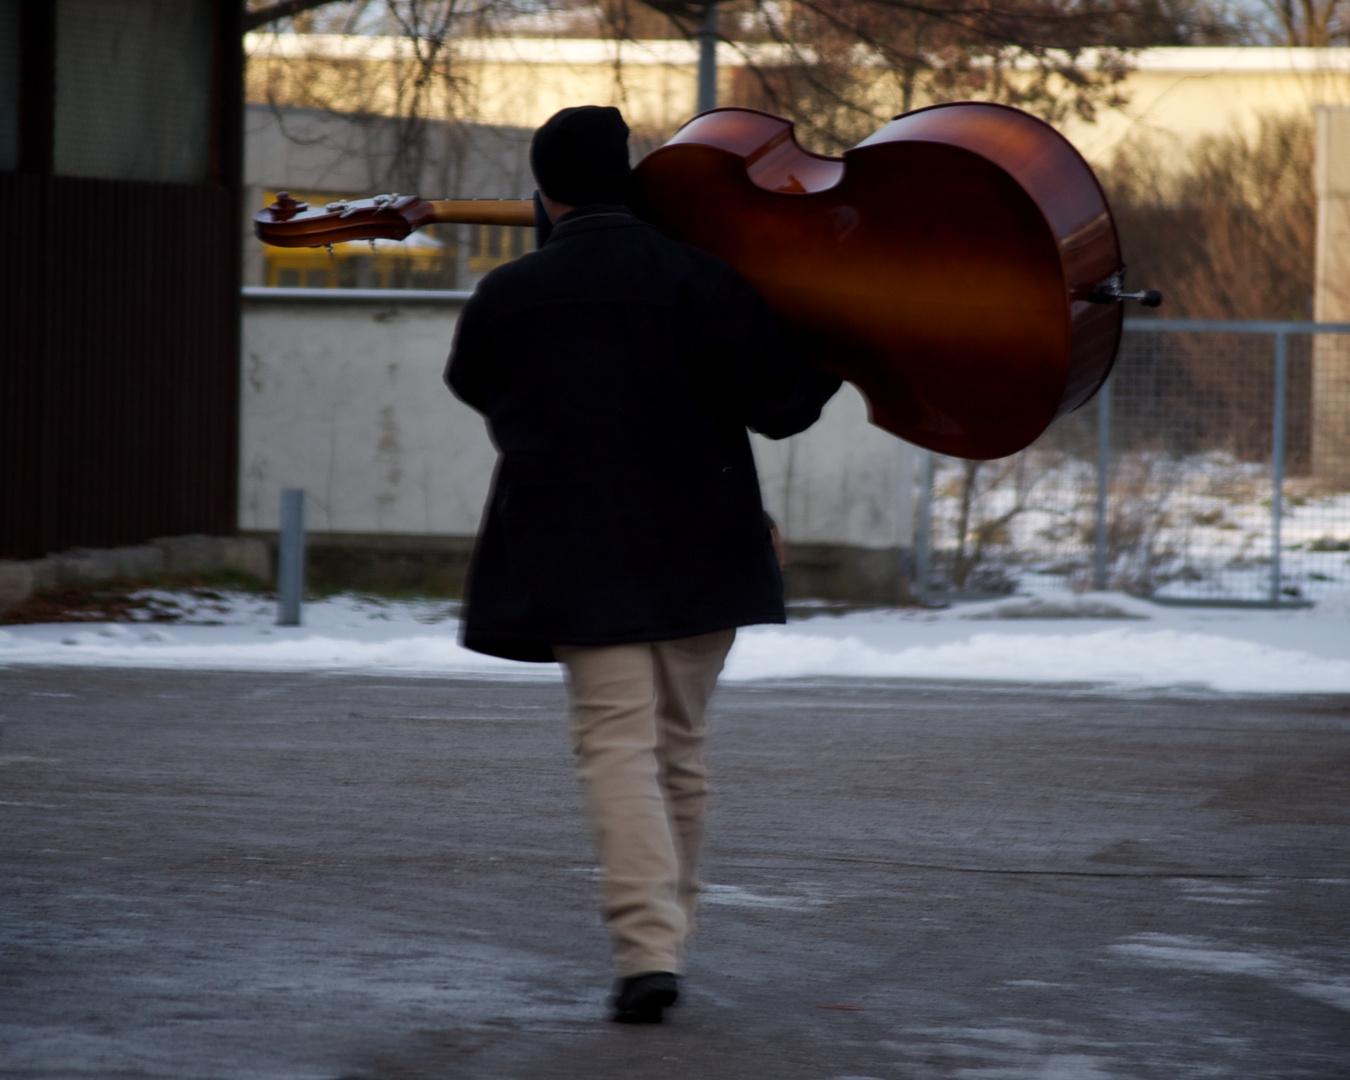 Cello auf Schulter